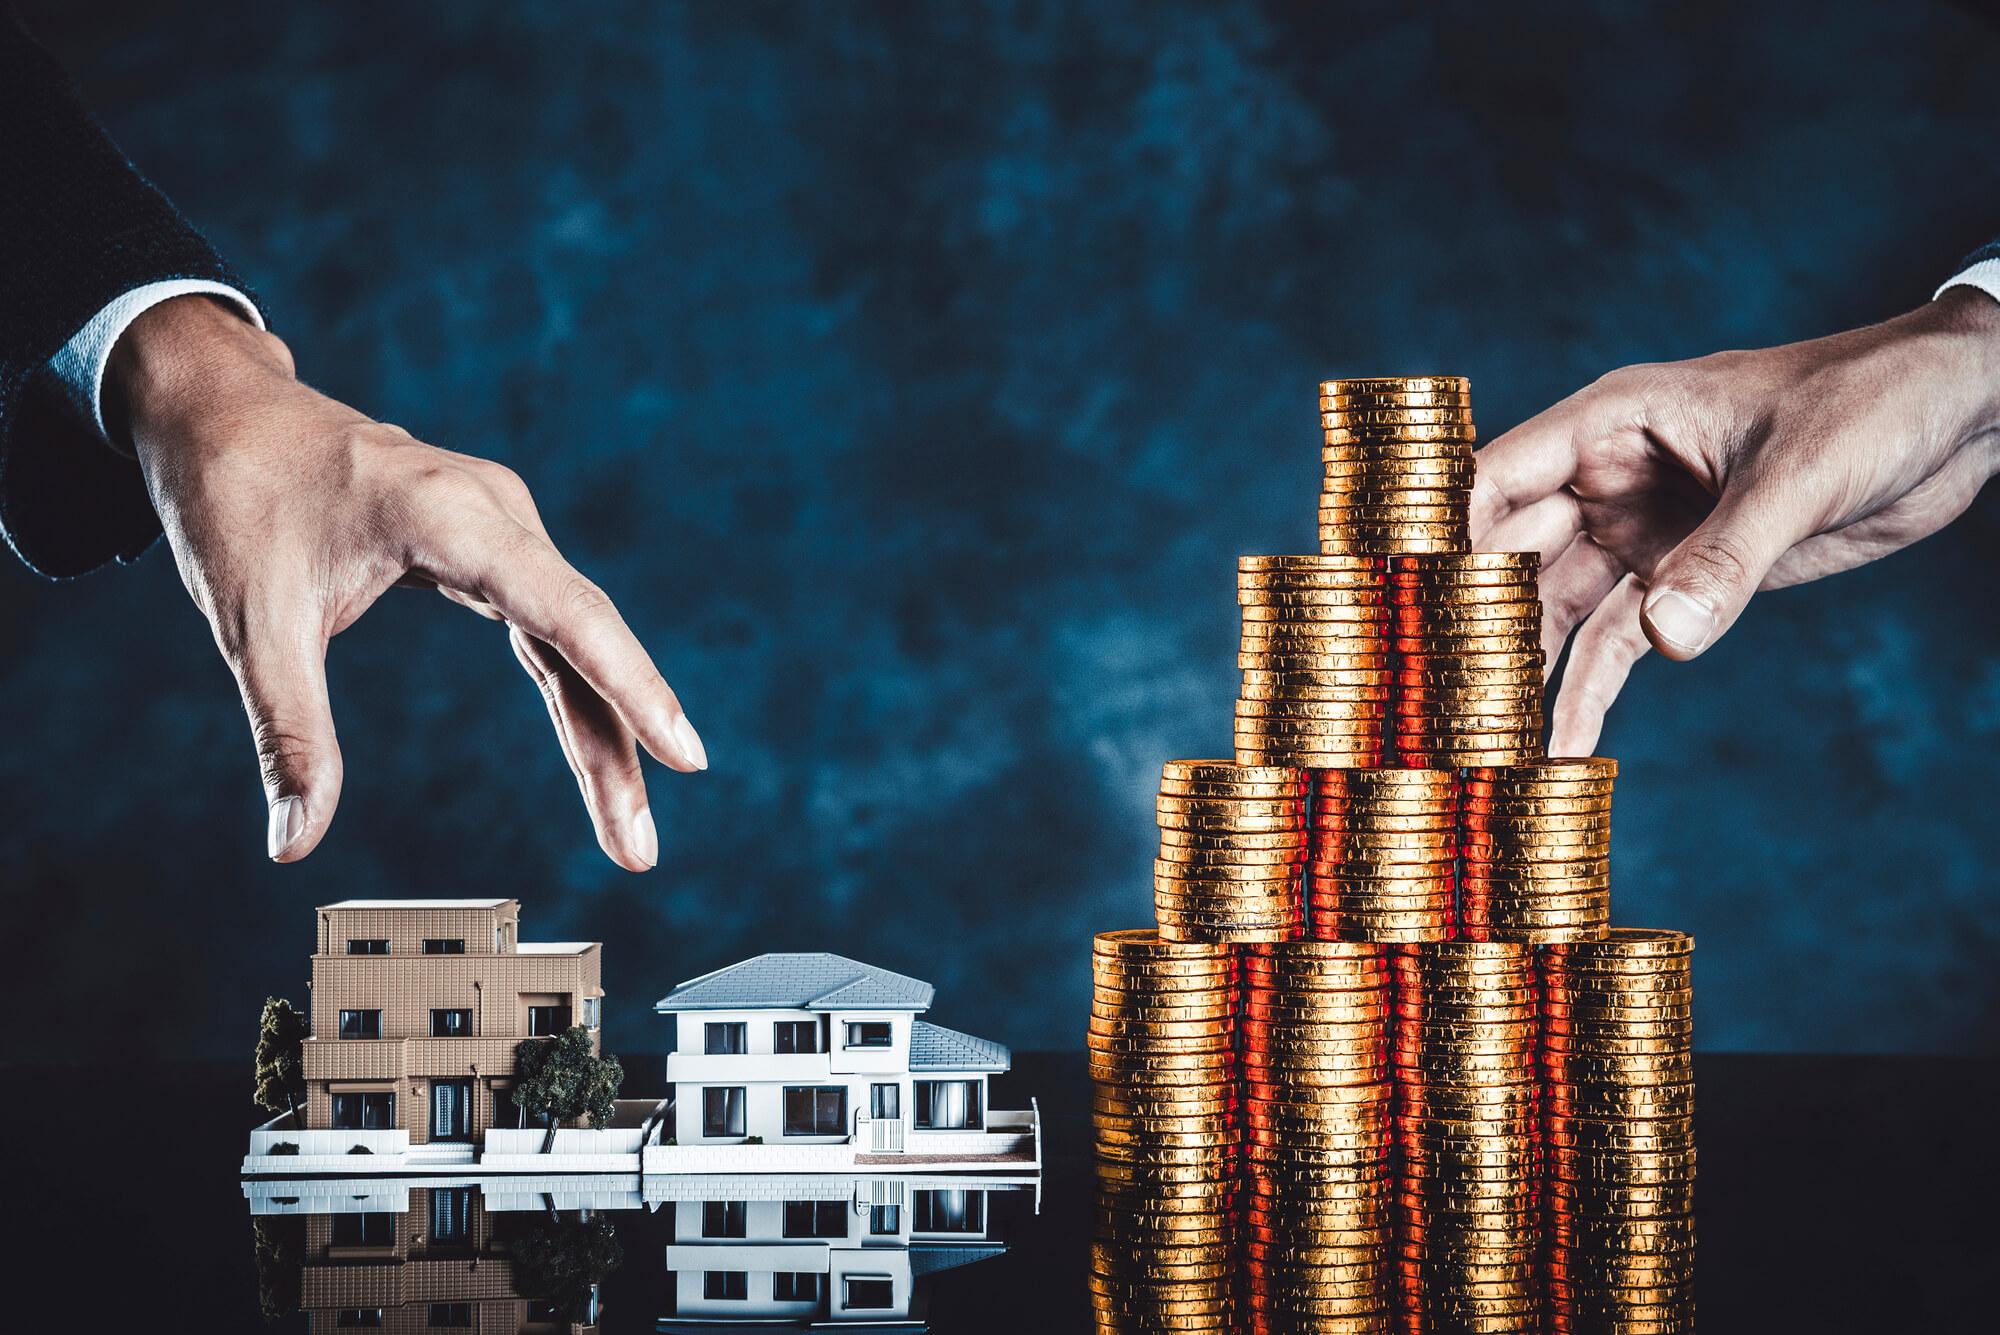 不動産クラウドファンディングは危険!? リスクだらけの投資法が人気を集めるワケ